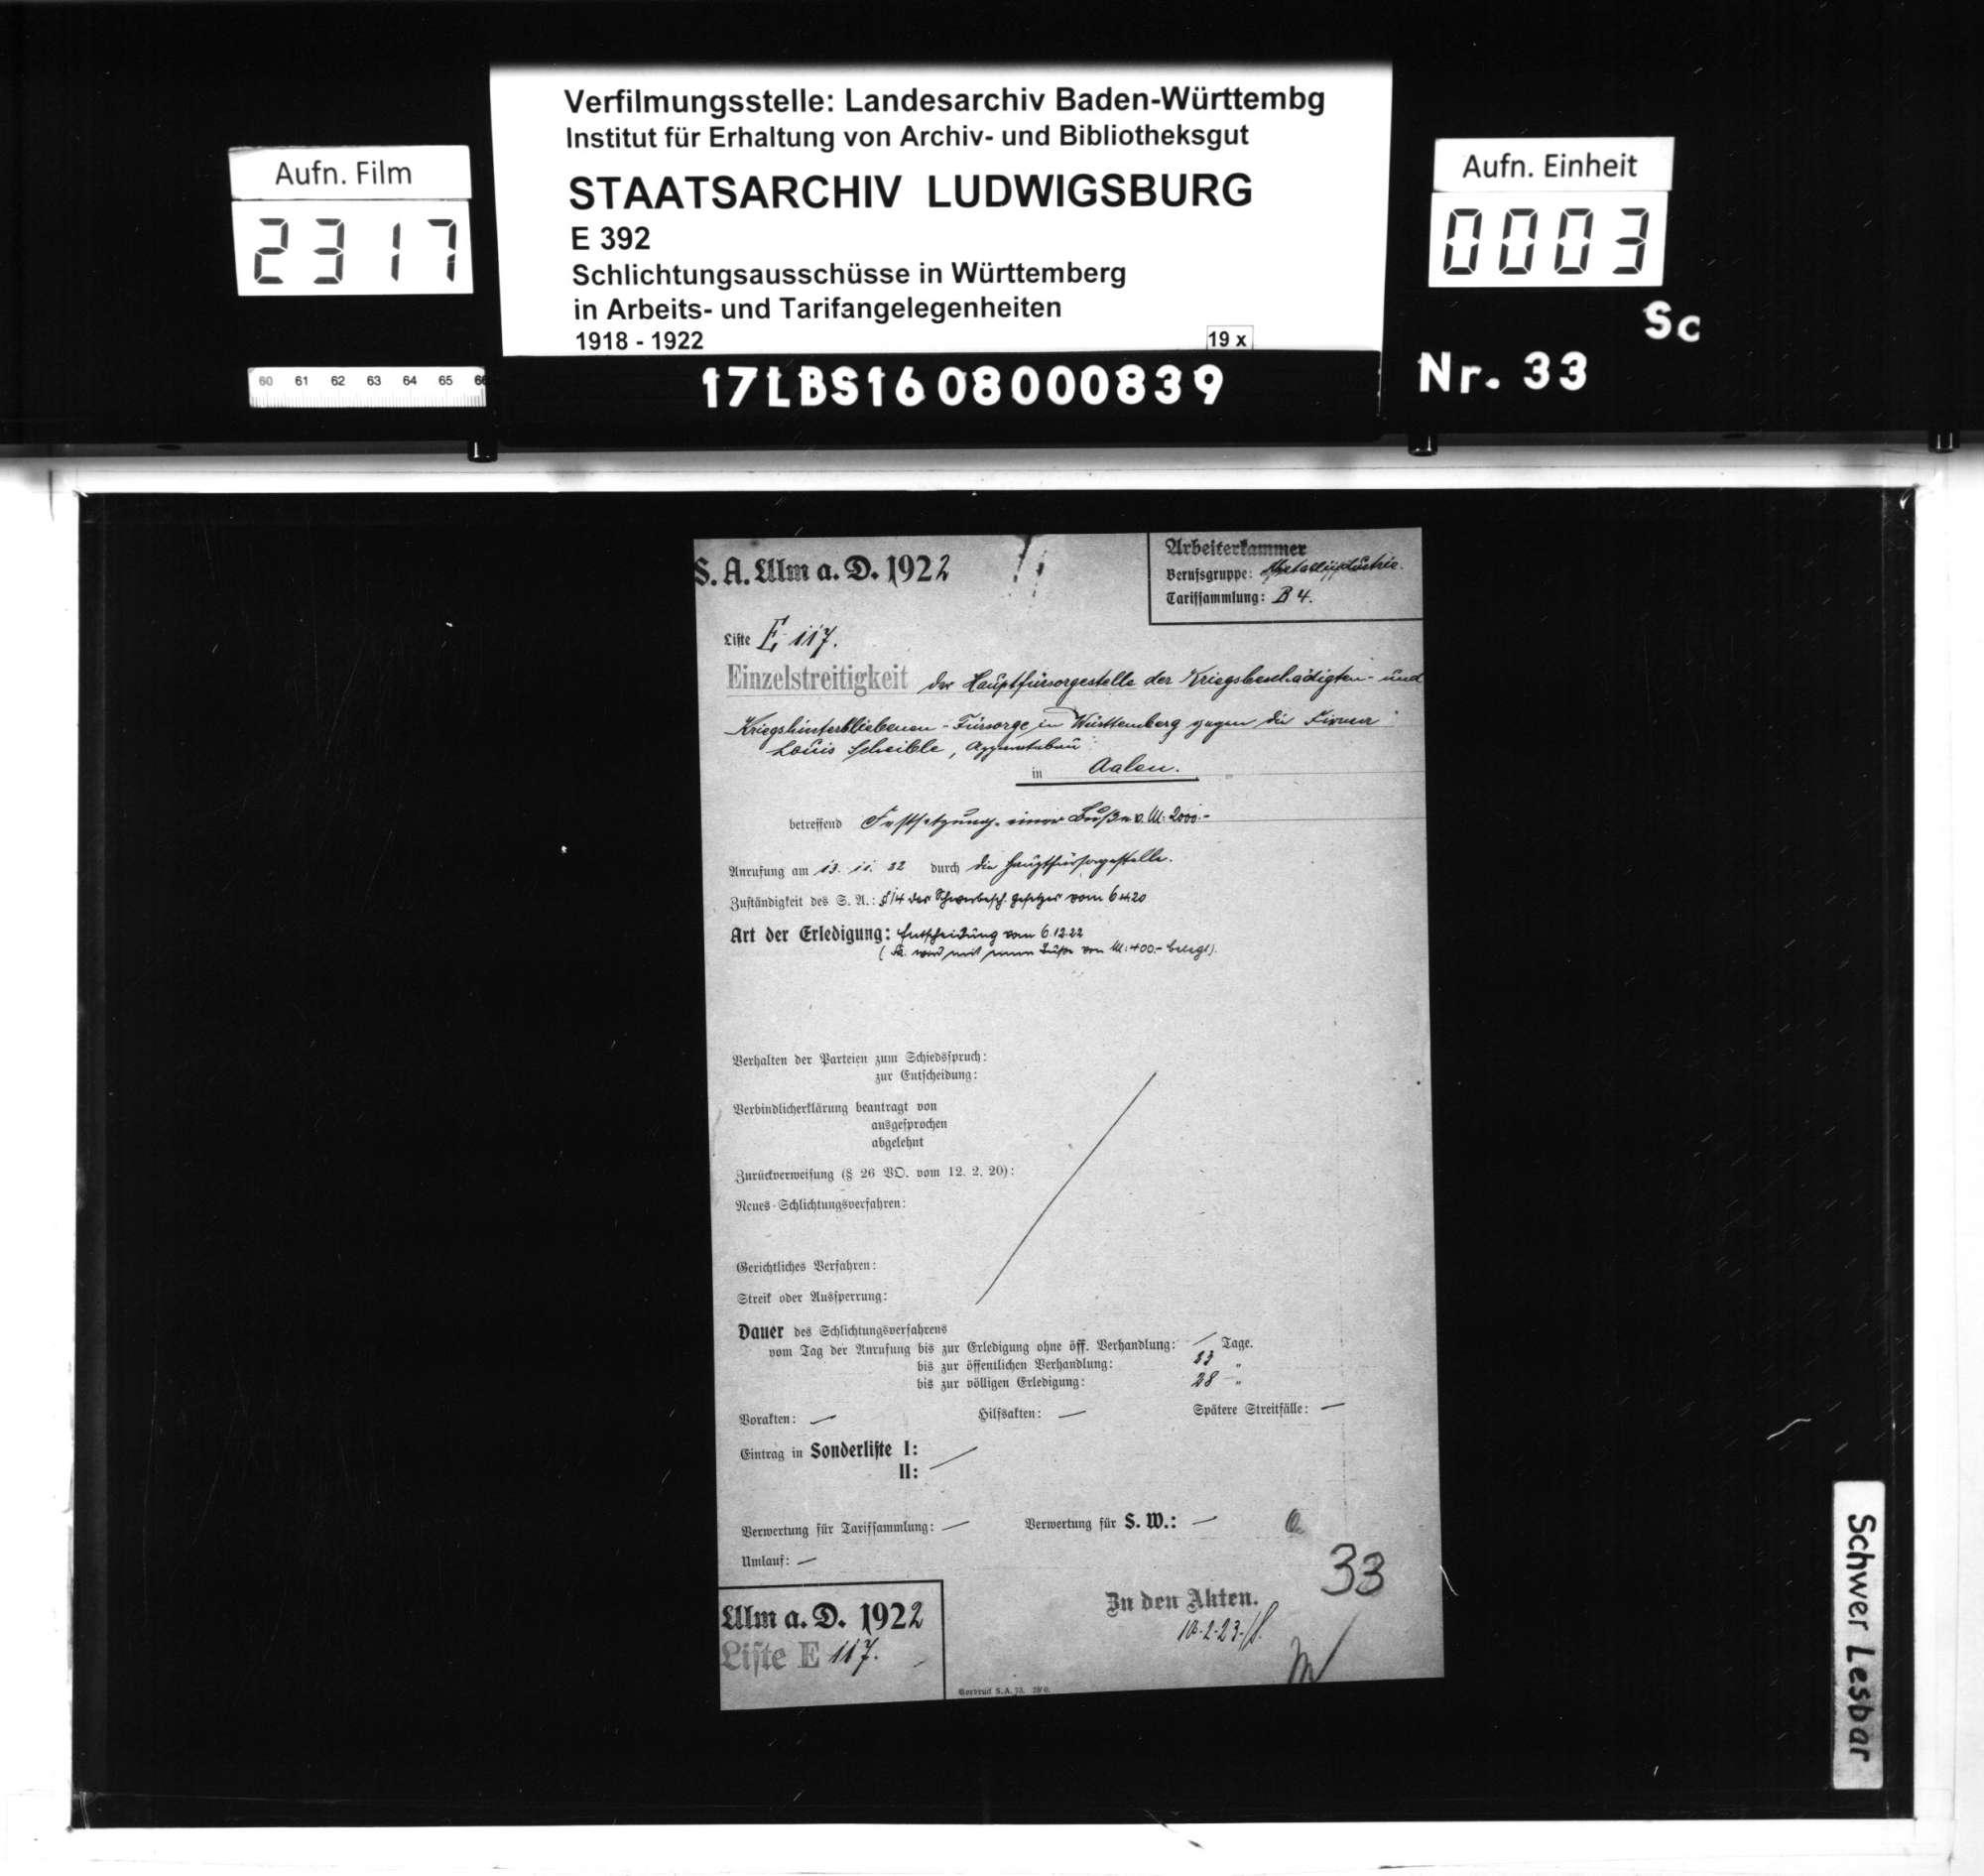 Streitigkeit der Hauptfürsorgestelle der Kriegsbeschädigten - und Kriegshinterbliebenen-Fürsorge in Württemberg mit der Firma Louis Scheible, Apparatebau, Kocherwerke Aalen, betreffend Festsetzung einer Buße wegen verweigerter bzw. verzögerter Beantwortung eines Fragebogens zur Beschäftigung Schwerbehinderter, Bild 1